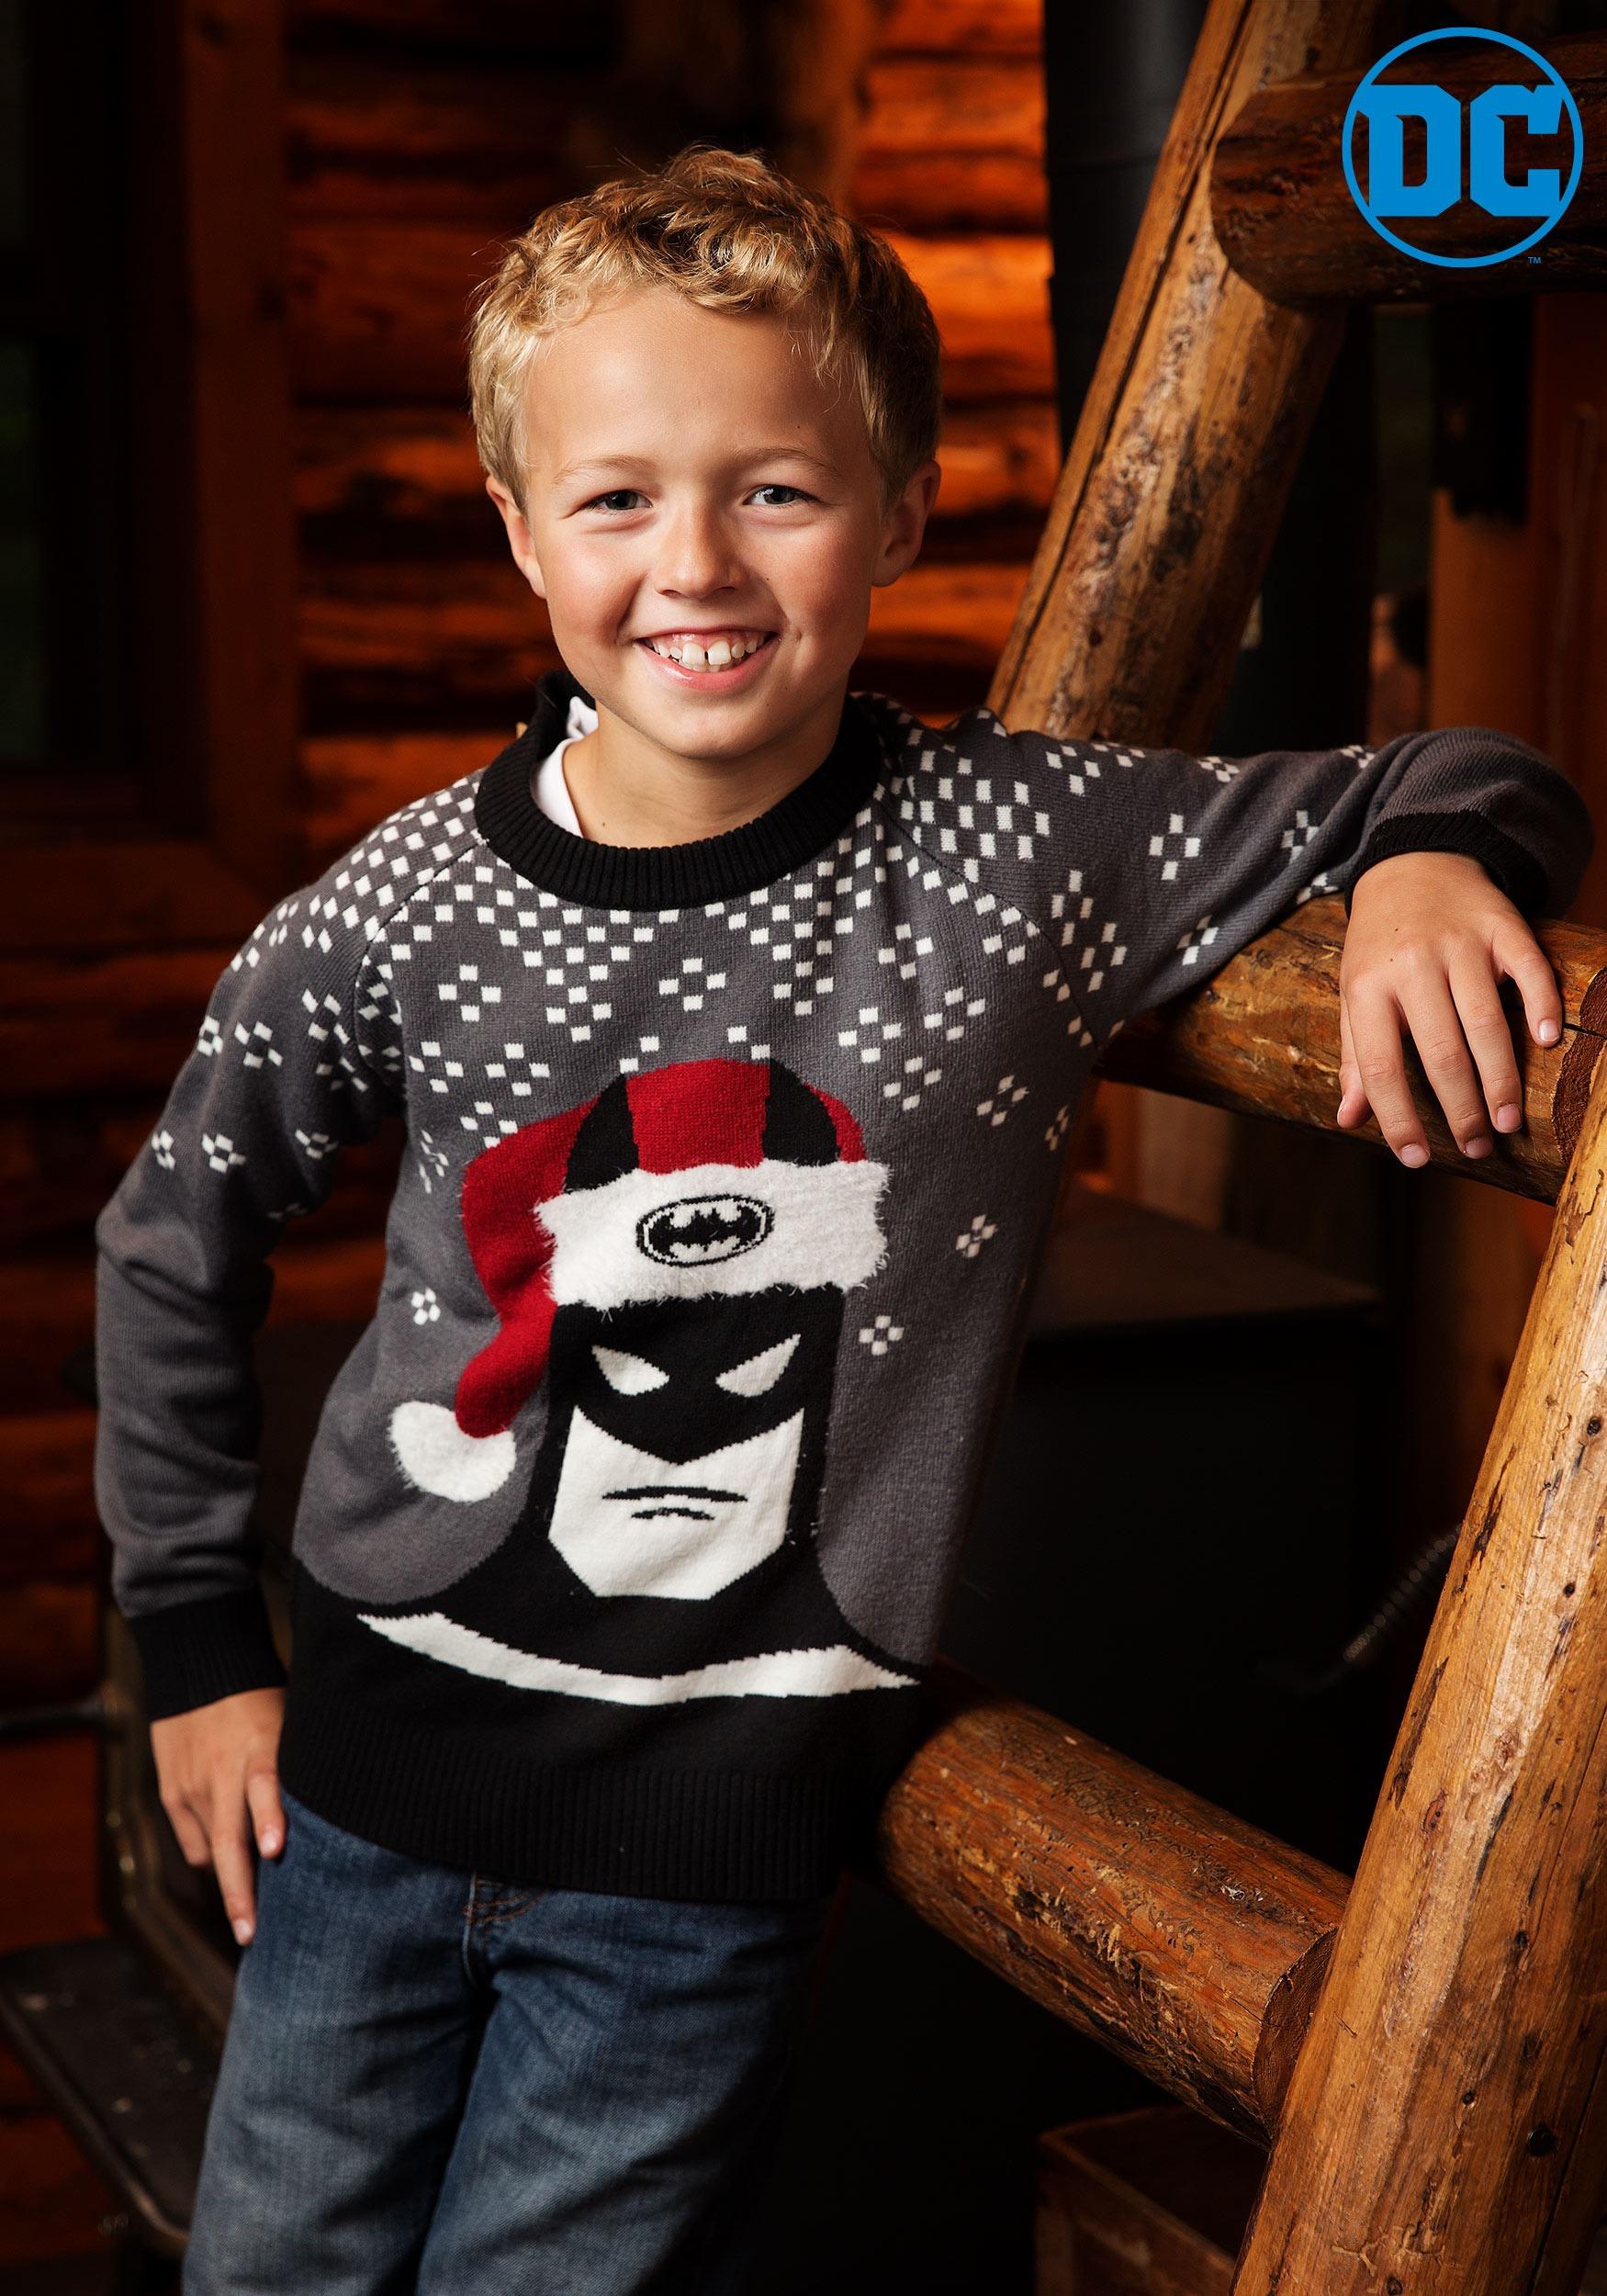 0d9b8aa7491f3 EXCLUSIVE Batman Clothing, Apparel, & Accessories | Fun.com